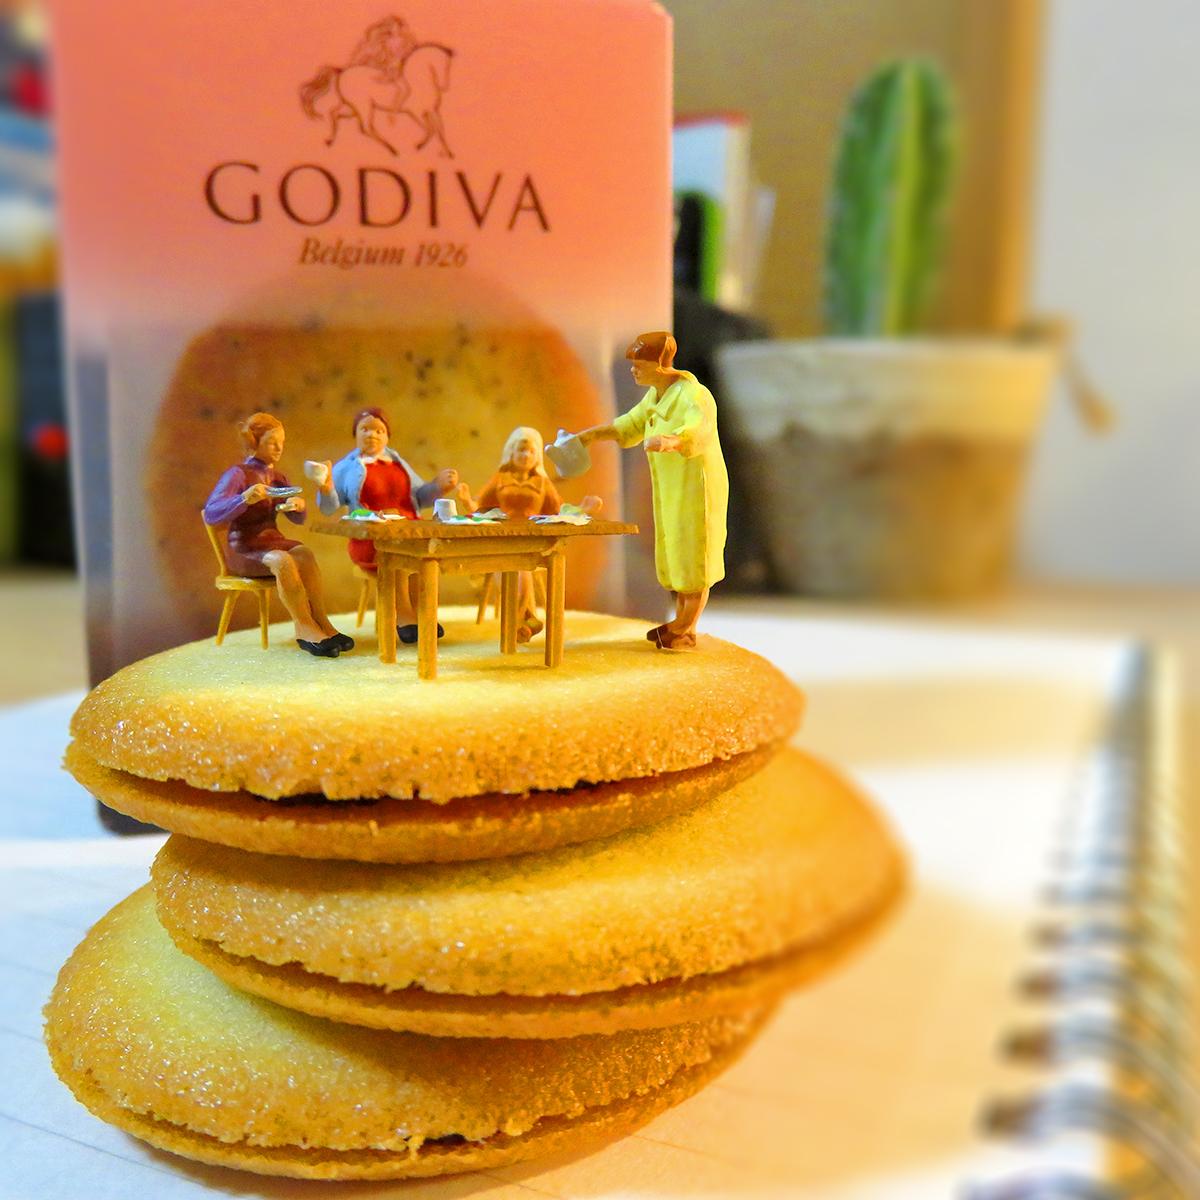 3月14日はホワイトデー!GODIVAの高級クッキーを嗜むセレブなマダム達